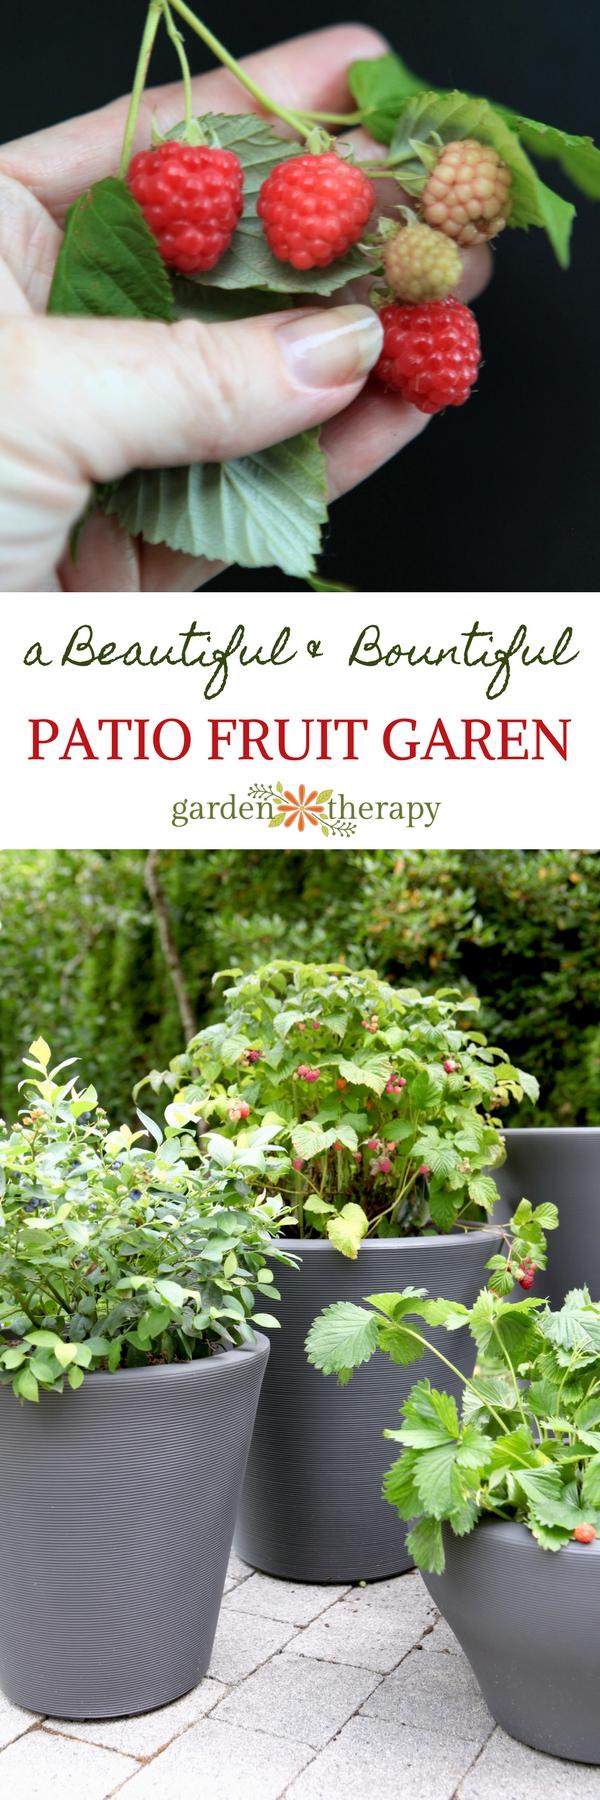 Patio Fruit -Sweet Edibles You Can Grow as a Container Garden